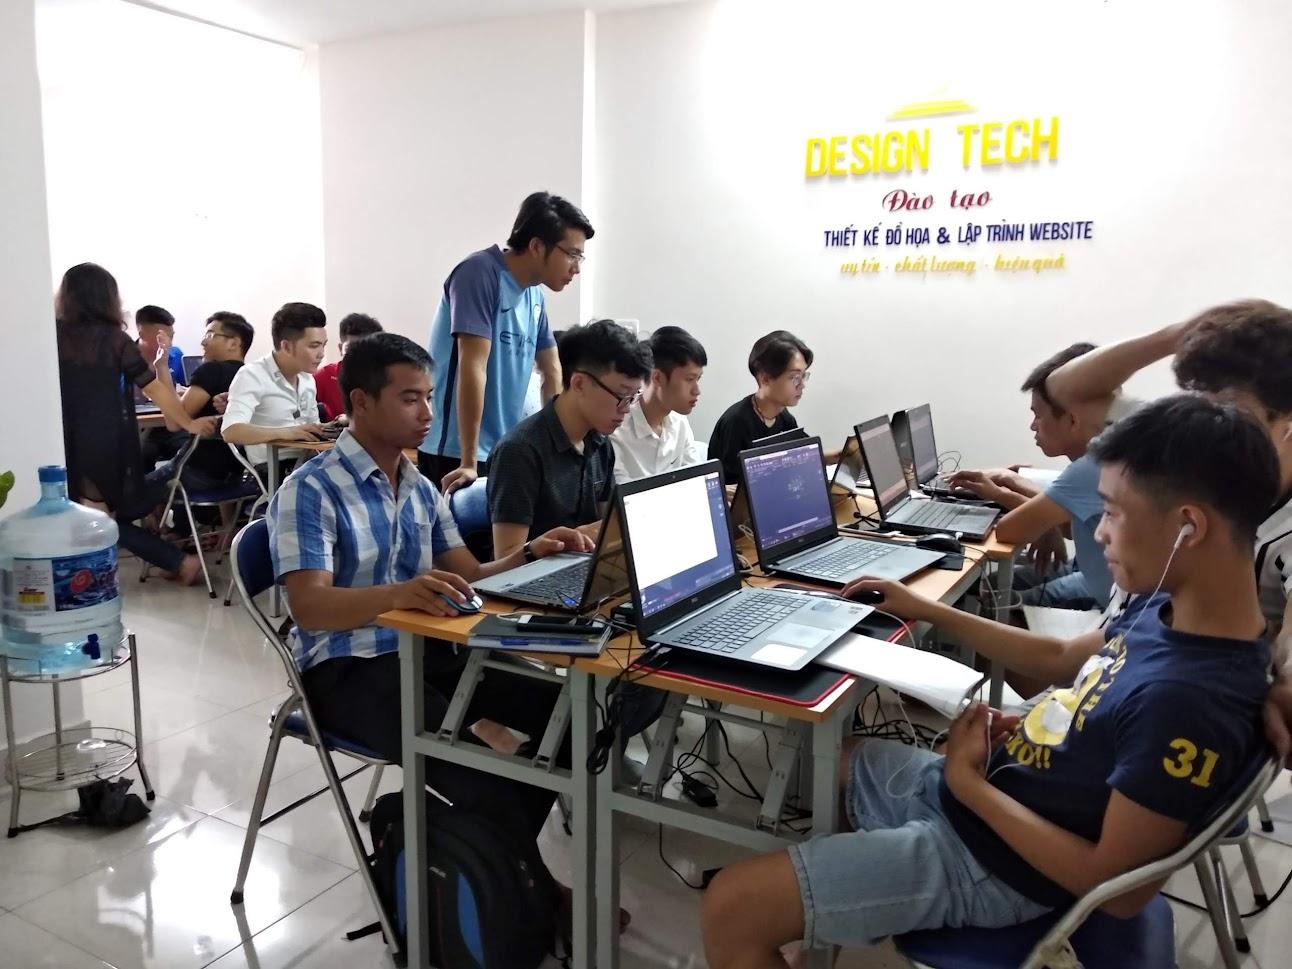 Hướng dẫn học After Effect từ cơ bản đến nâng cao tại Thanh Xuân